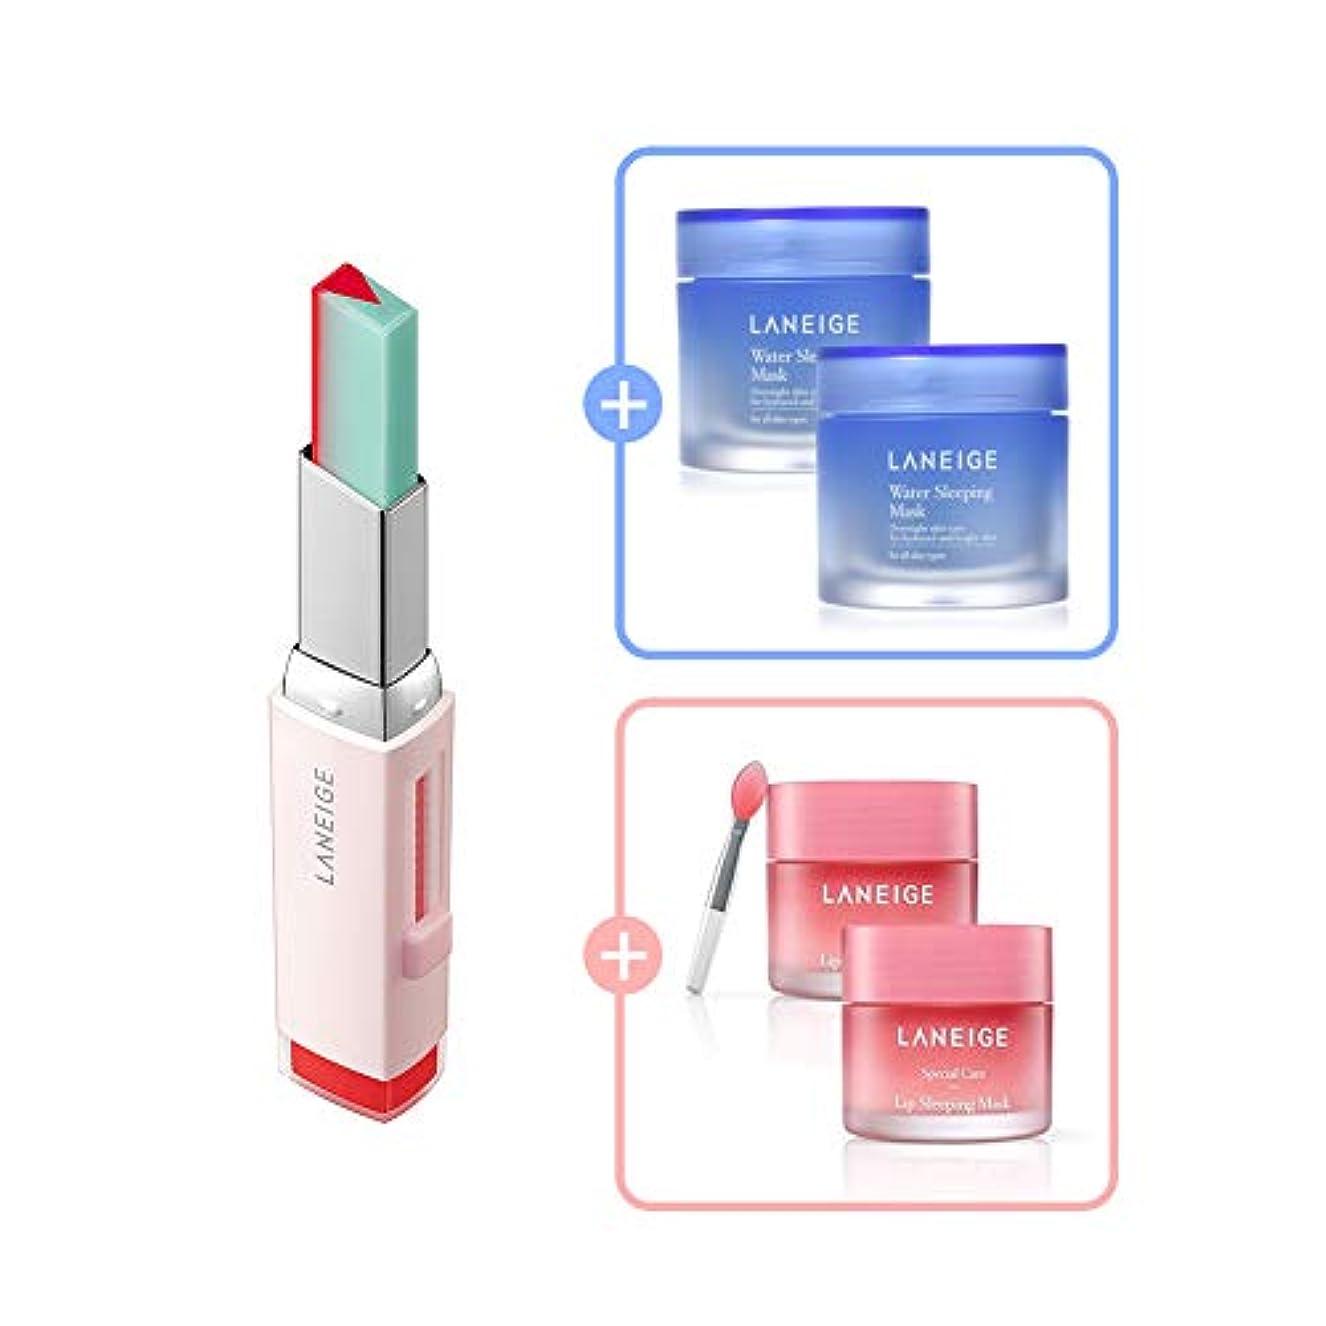 昨日満了論争Two Tone Tint Lip Bar 2g (No.3 Tint Mint)/ツートーン ティント バー 2g (No.3 ティント ミント) [数量限定!人気商品のサンプルプレゼント!]